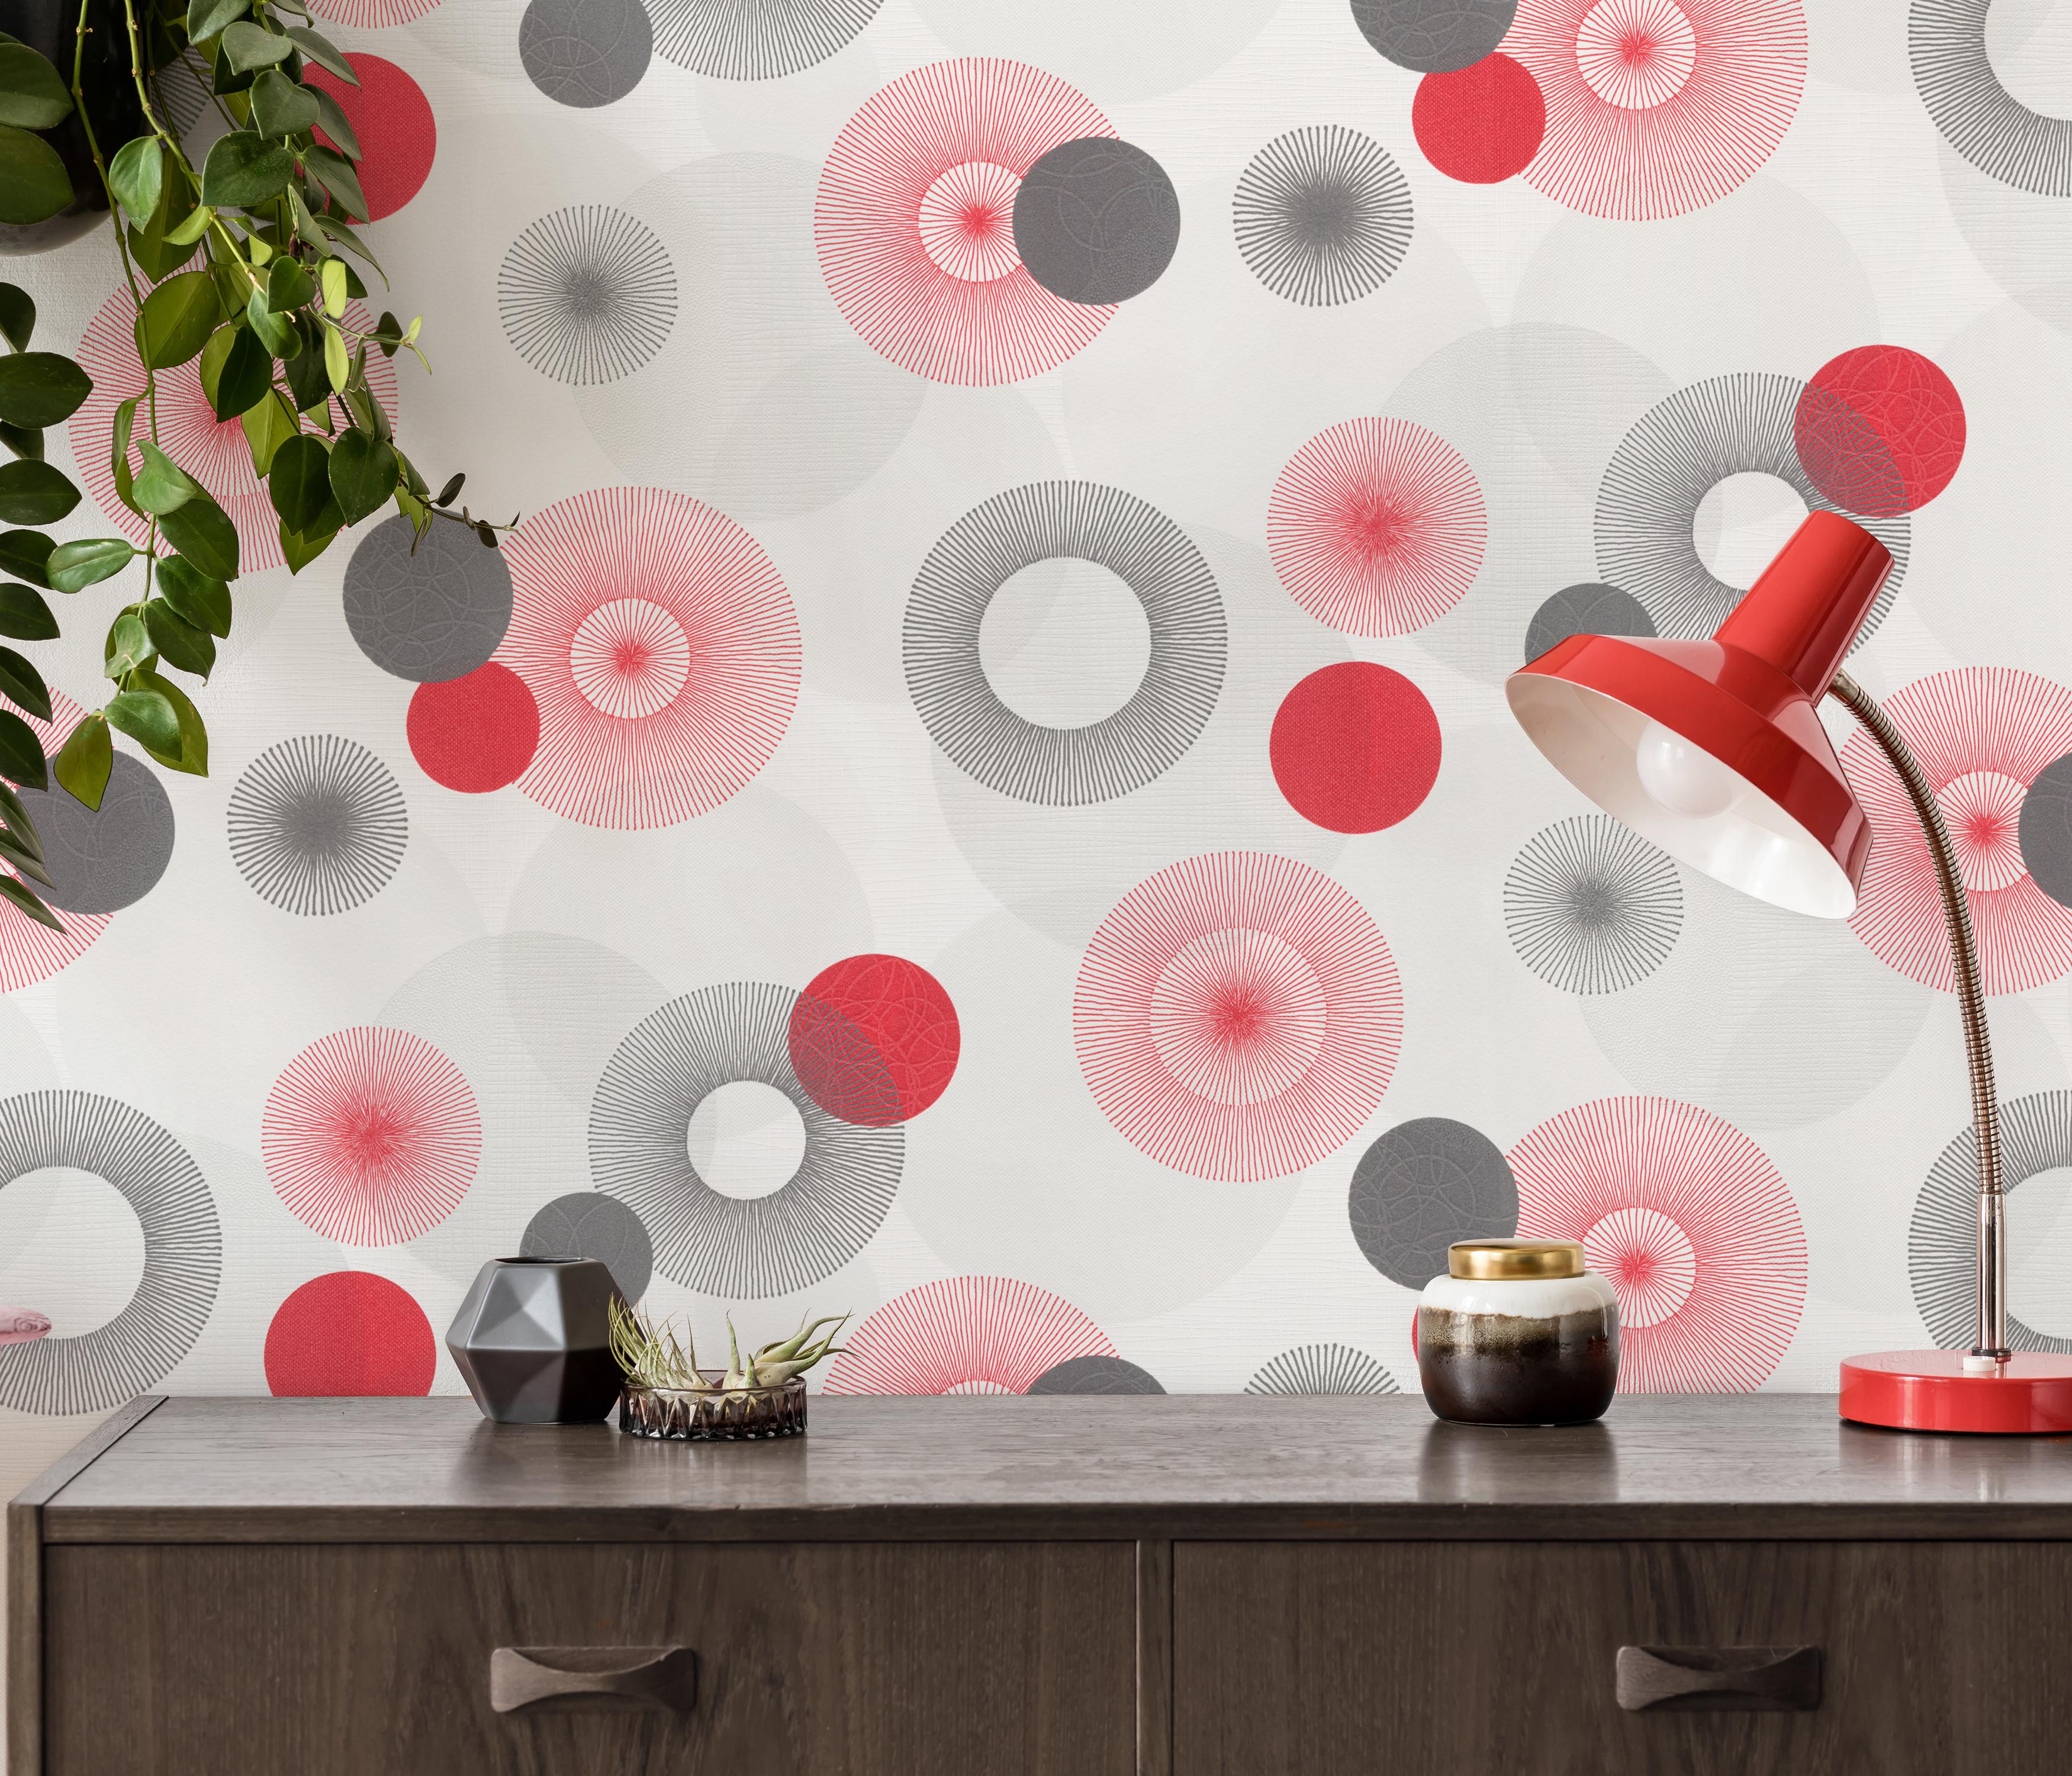 Wandgestaltung im Retro-Look der 70er Jahre mit rot-grauem Kreis-Muster